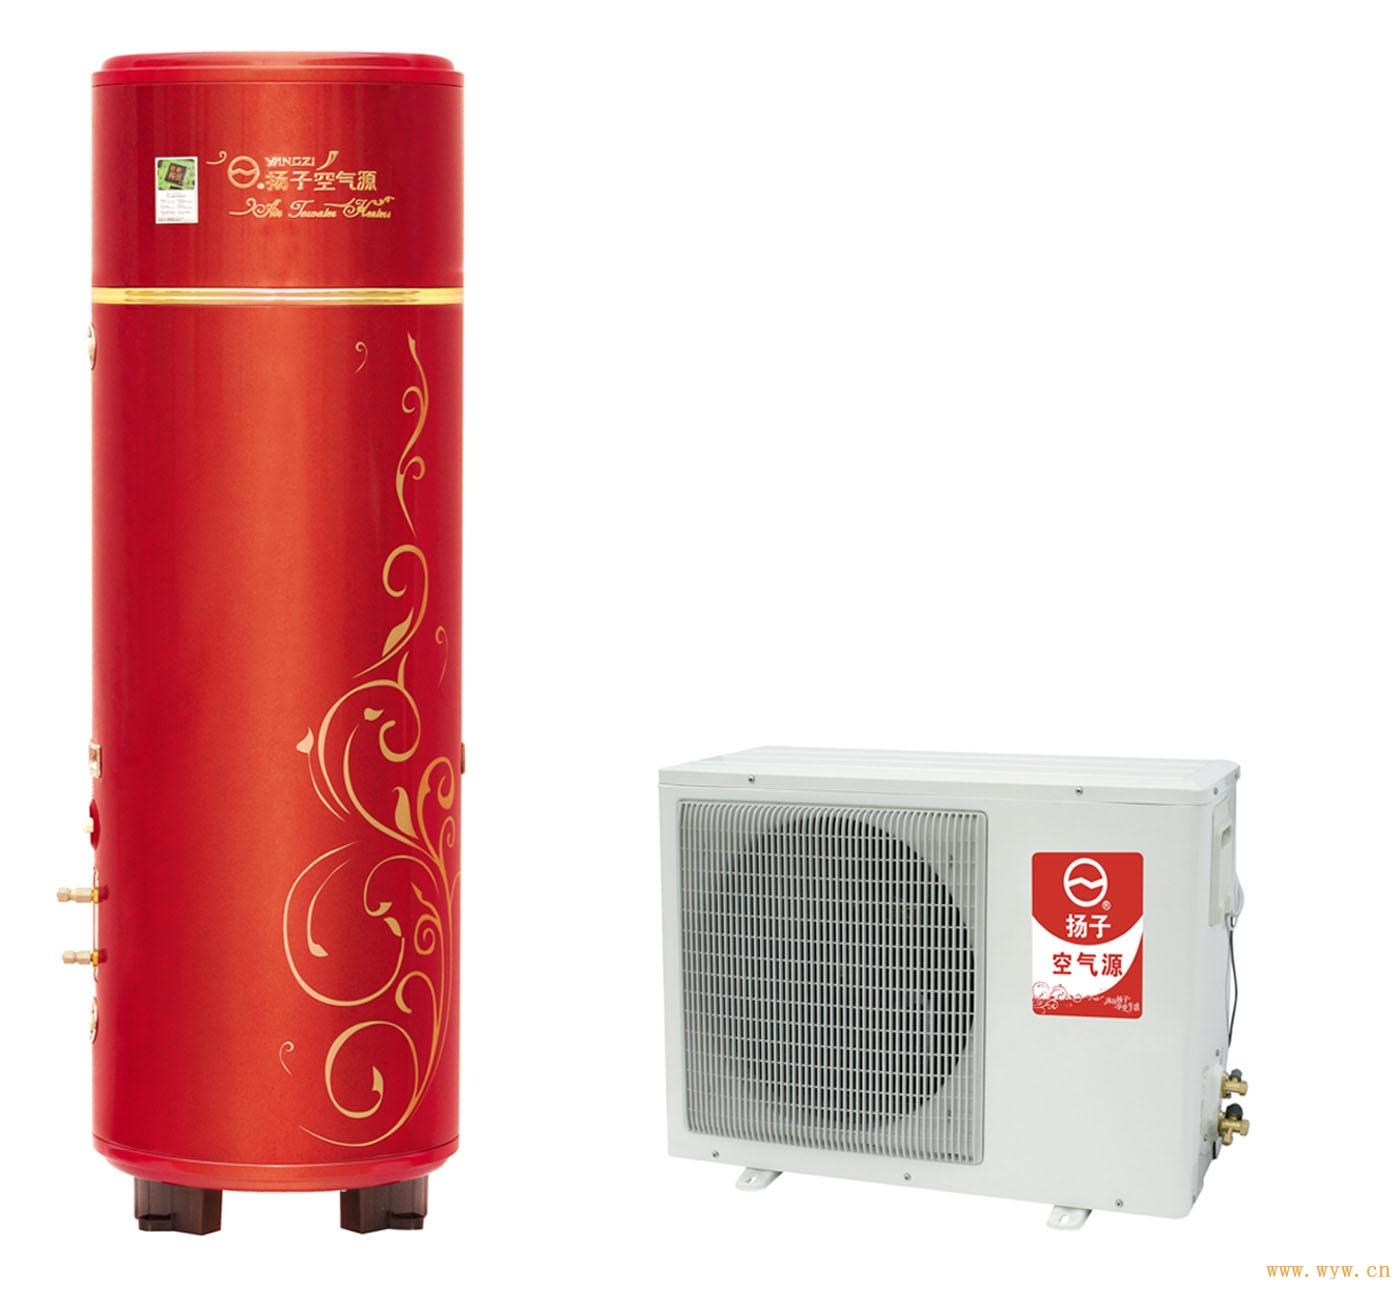 供应扬子空气能热水器